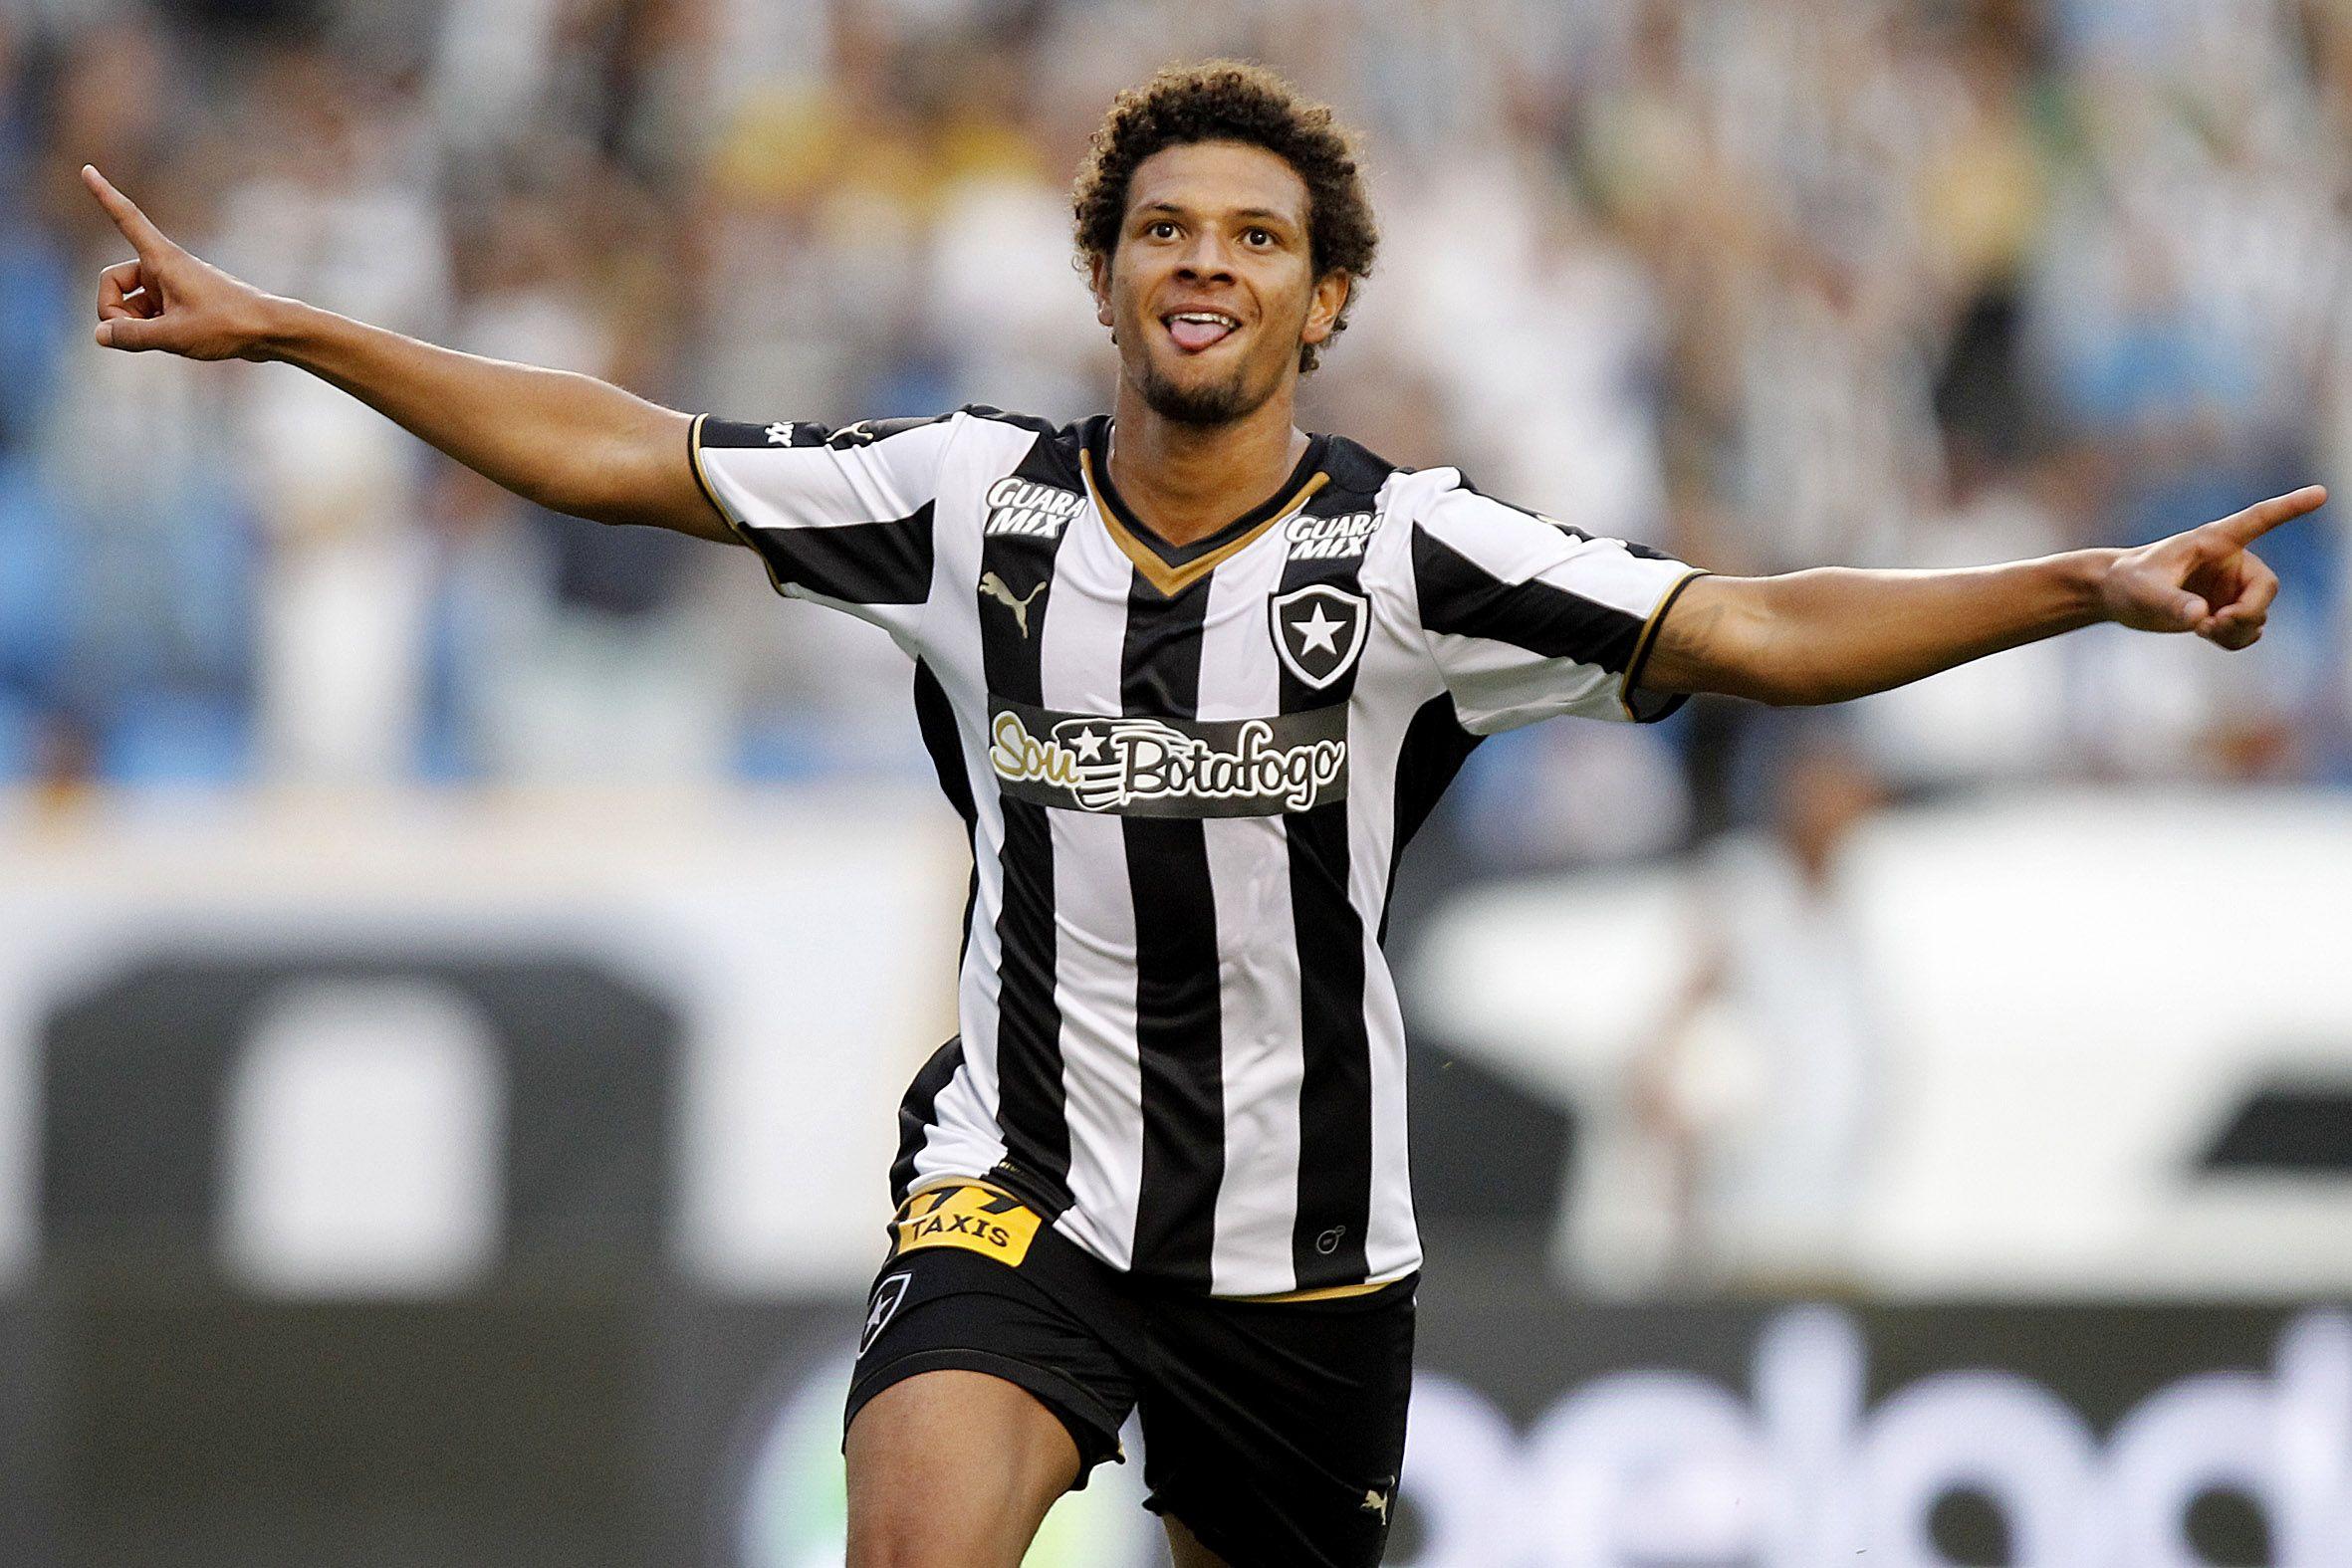 """Volante artilheiro, Arão se reinventa no Botafogo com jogo """"limpo e bonito"""" #globoesporte"""